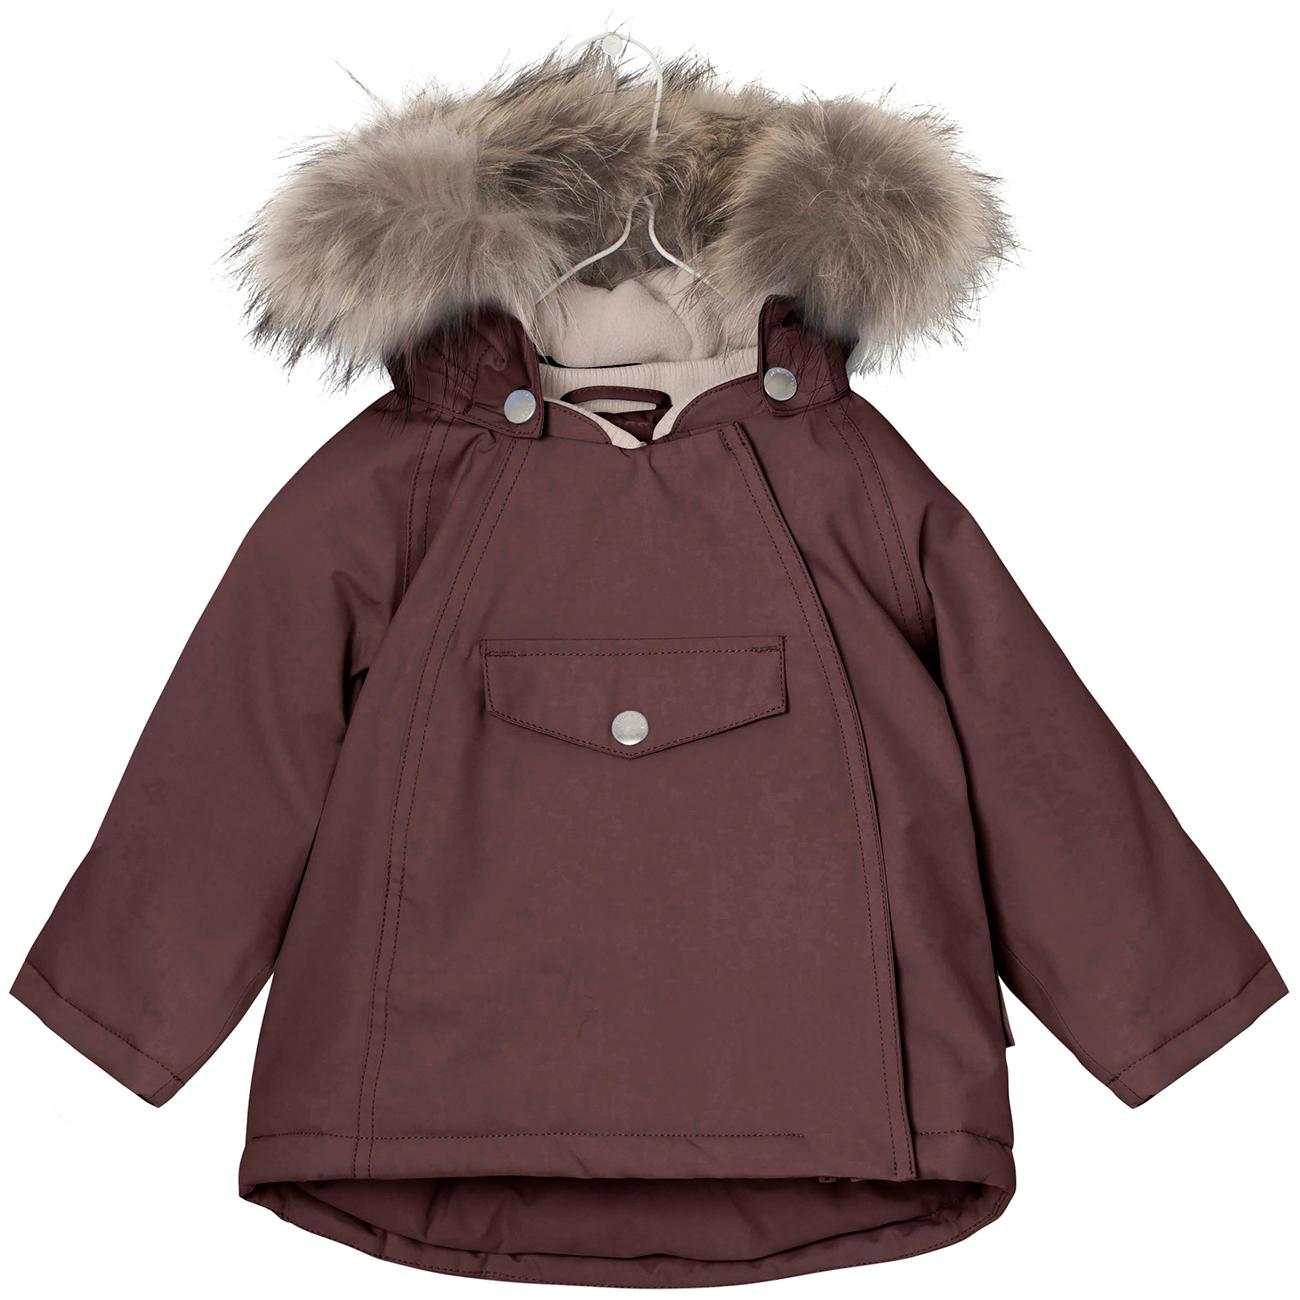 437024c8 Mini A Ture Wang Fur Vinterjakke Deep Mahogany